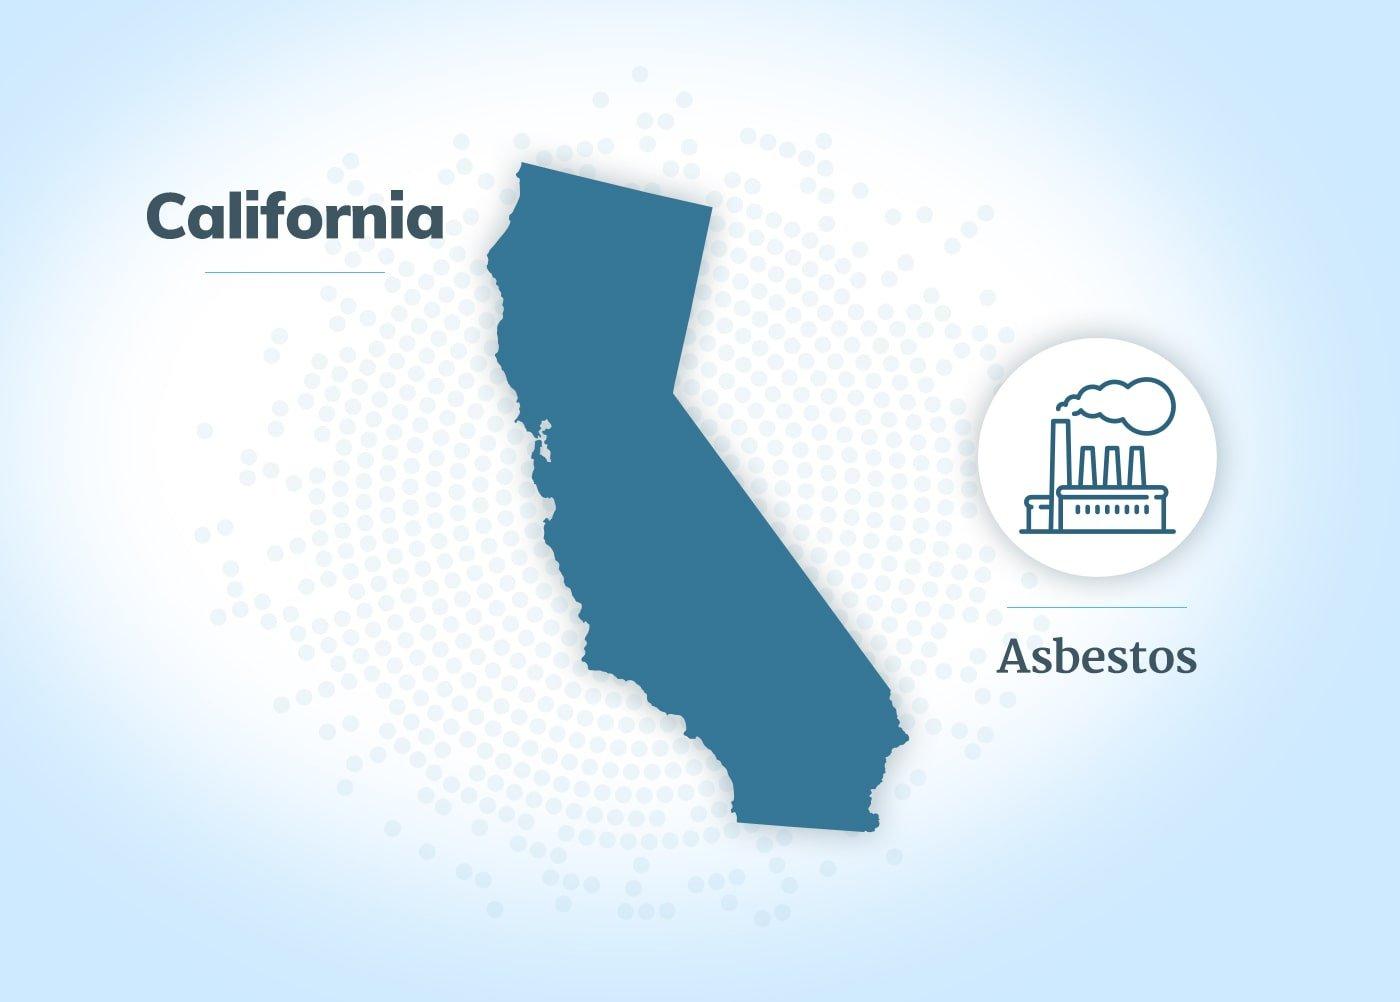 Asbestos exposure in California